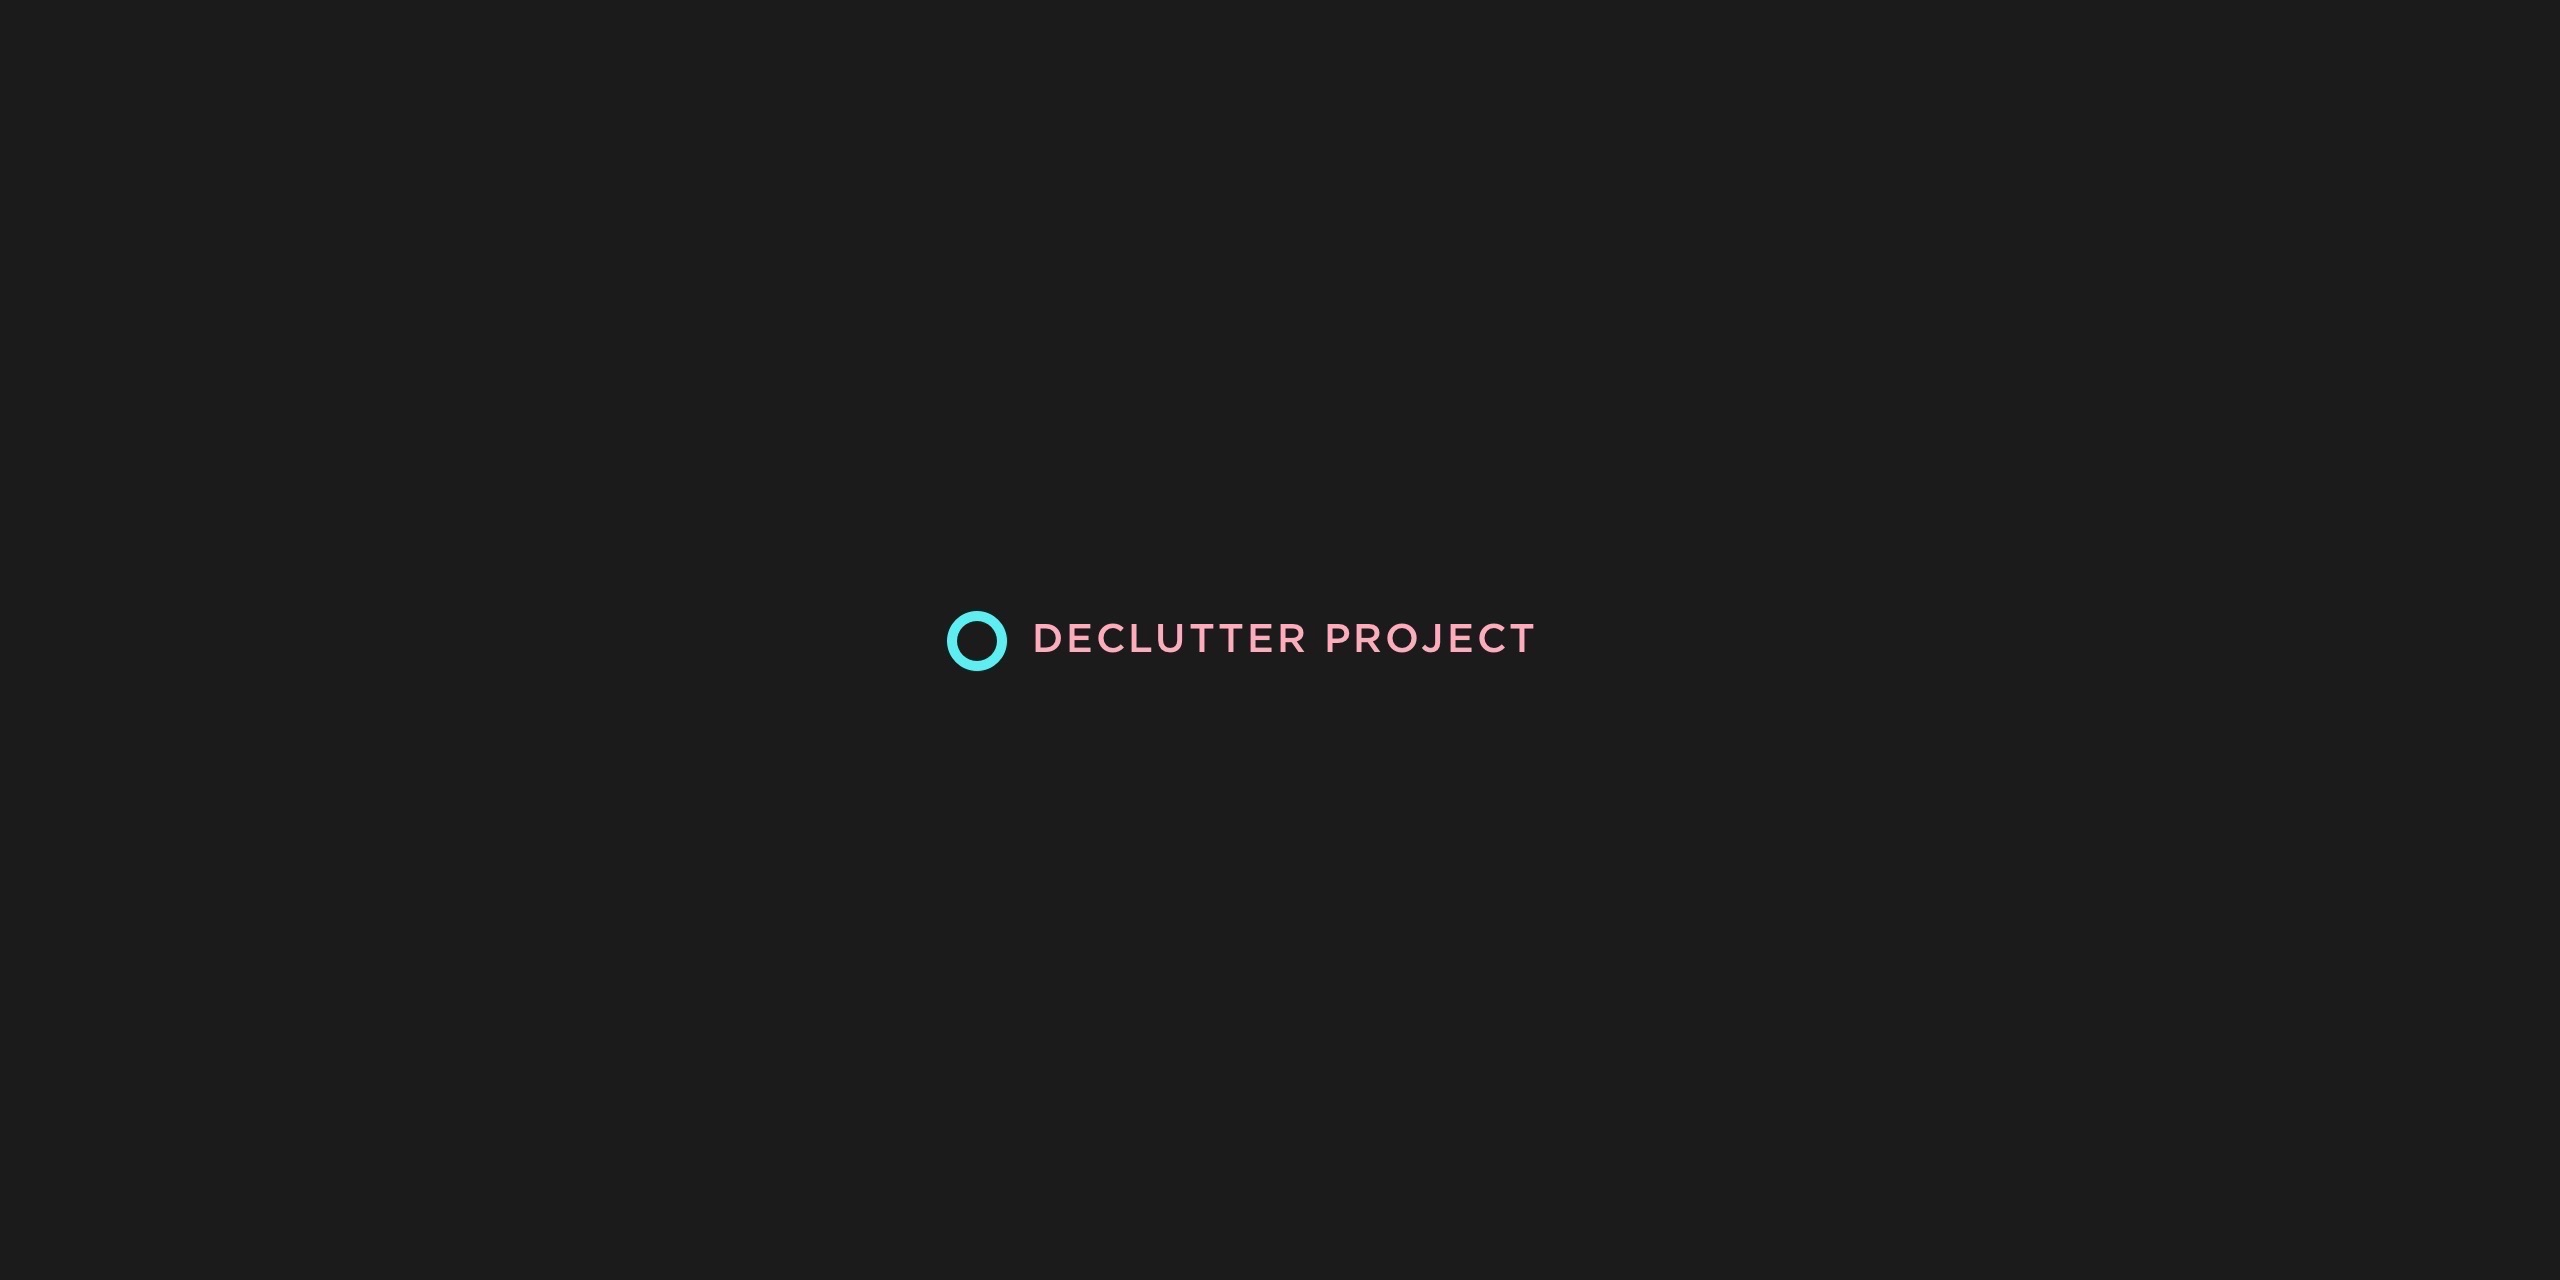 Announcing the De-clutter Project